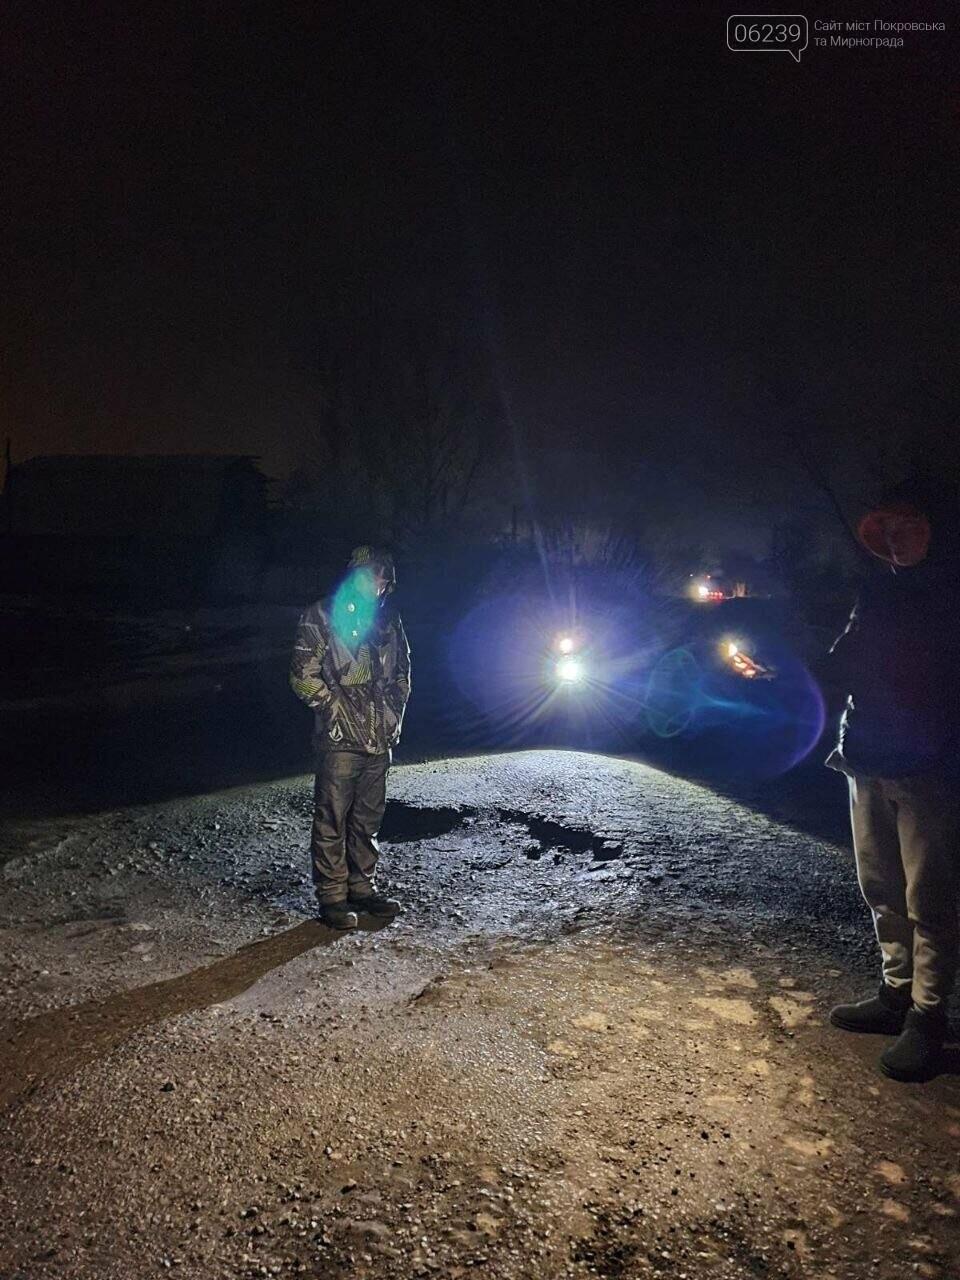 Попал в яму — сам виноват: копы составили протокол на водителя из Покровска, который, въехав в яму, повредил авто, фото-8